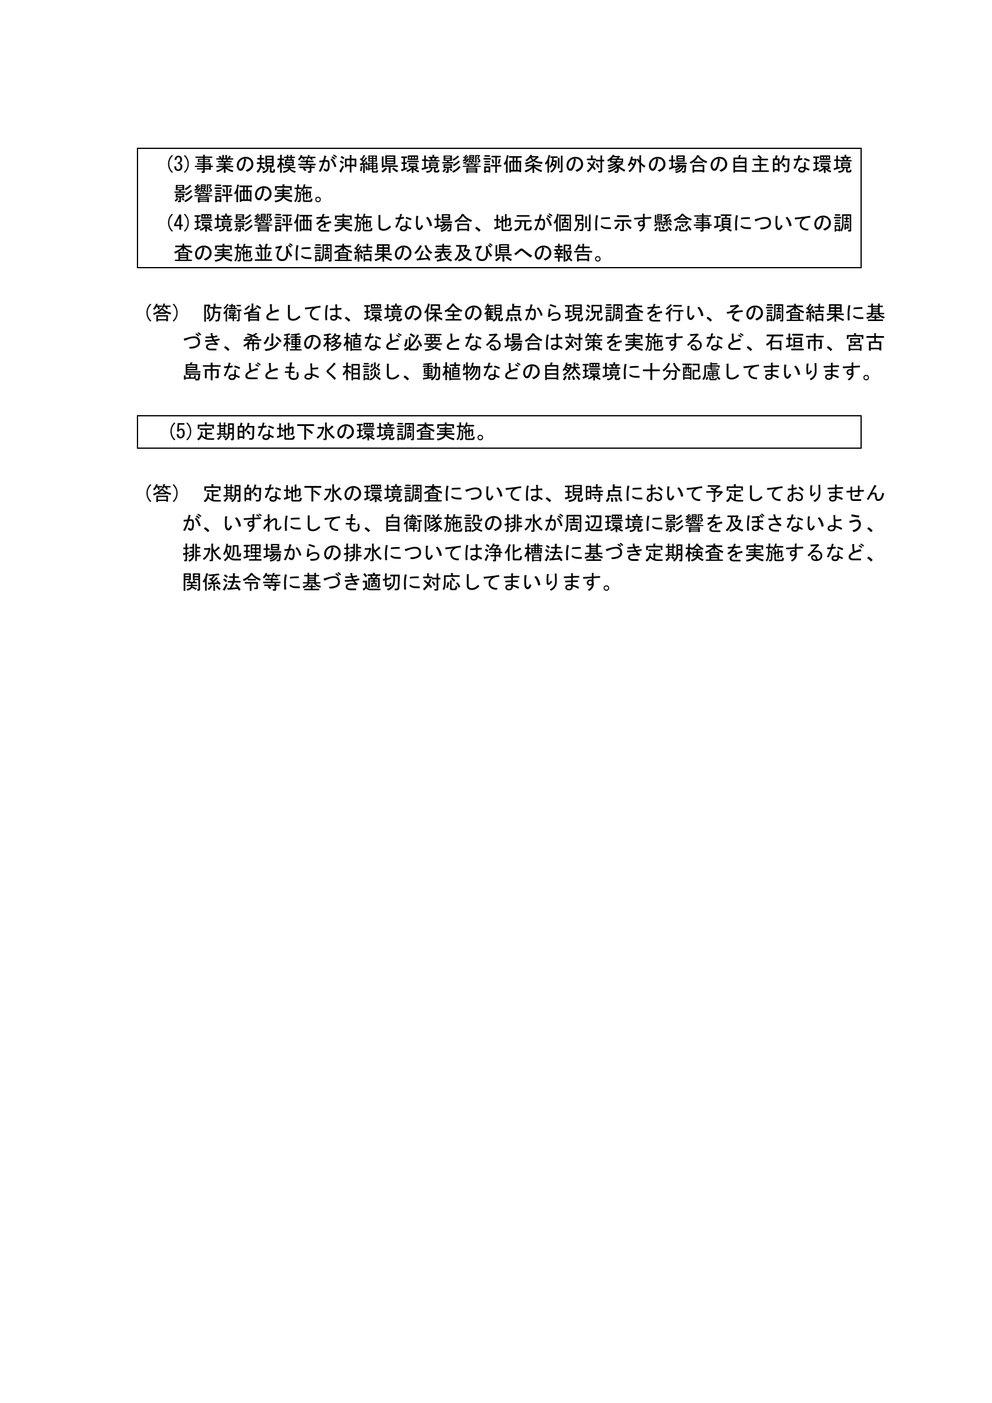 1970号 自衛隊の島しょ配備等について(回答)0007[1]